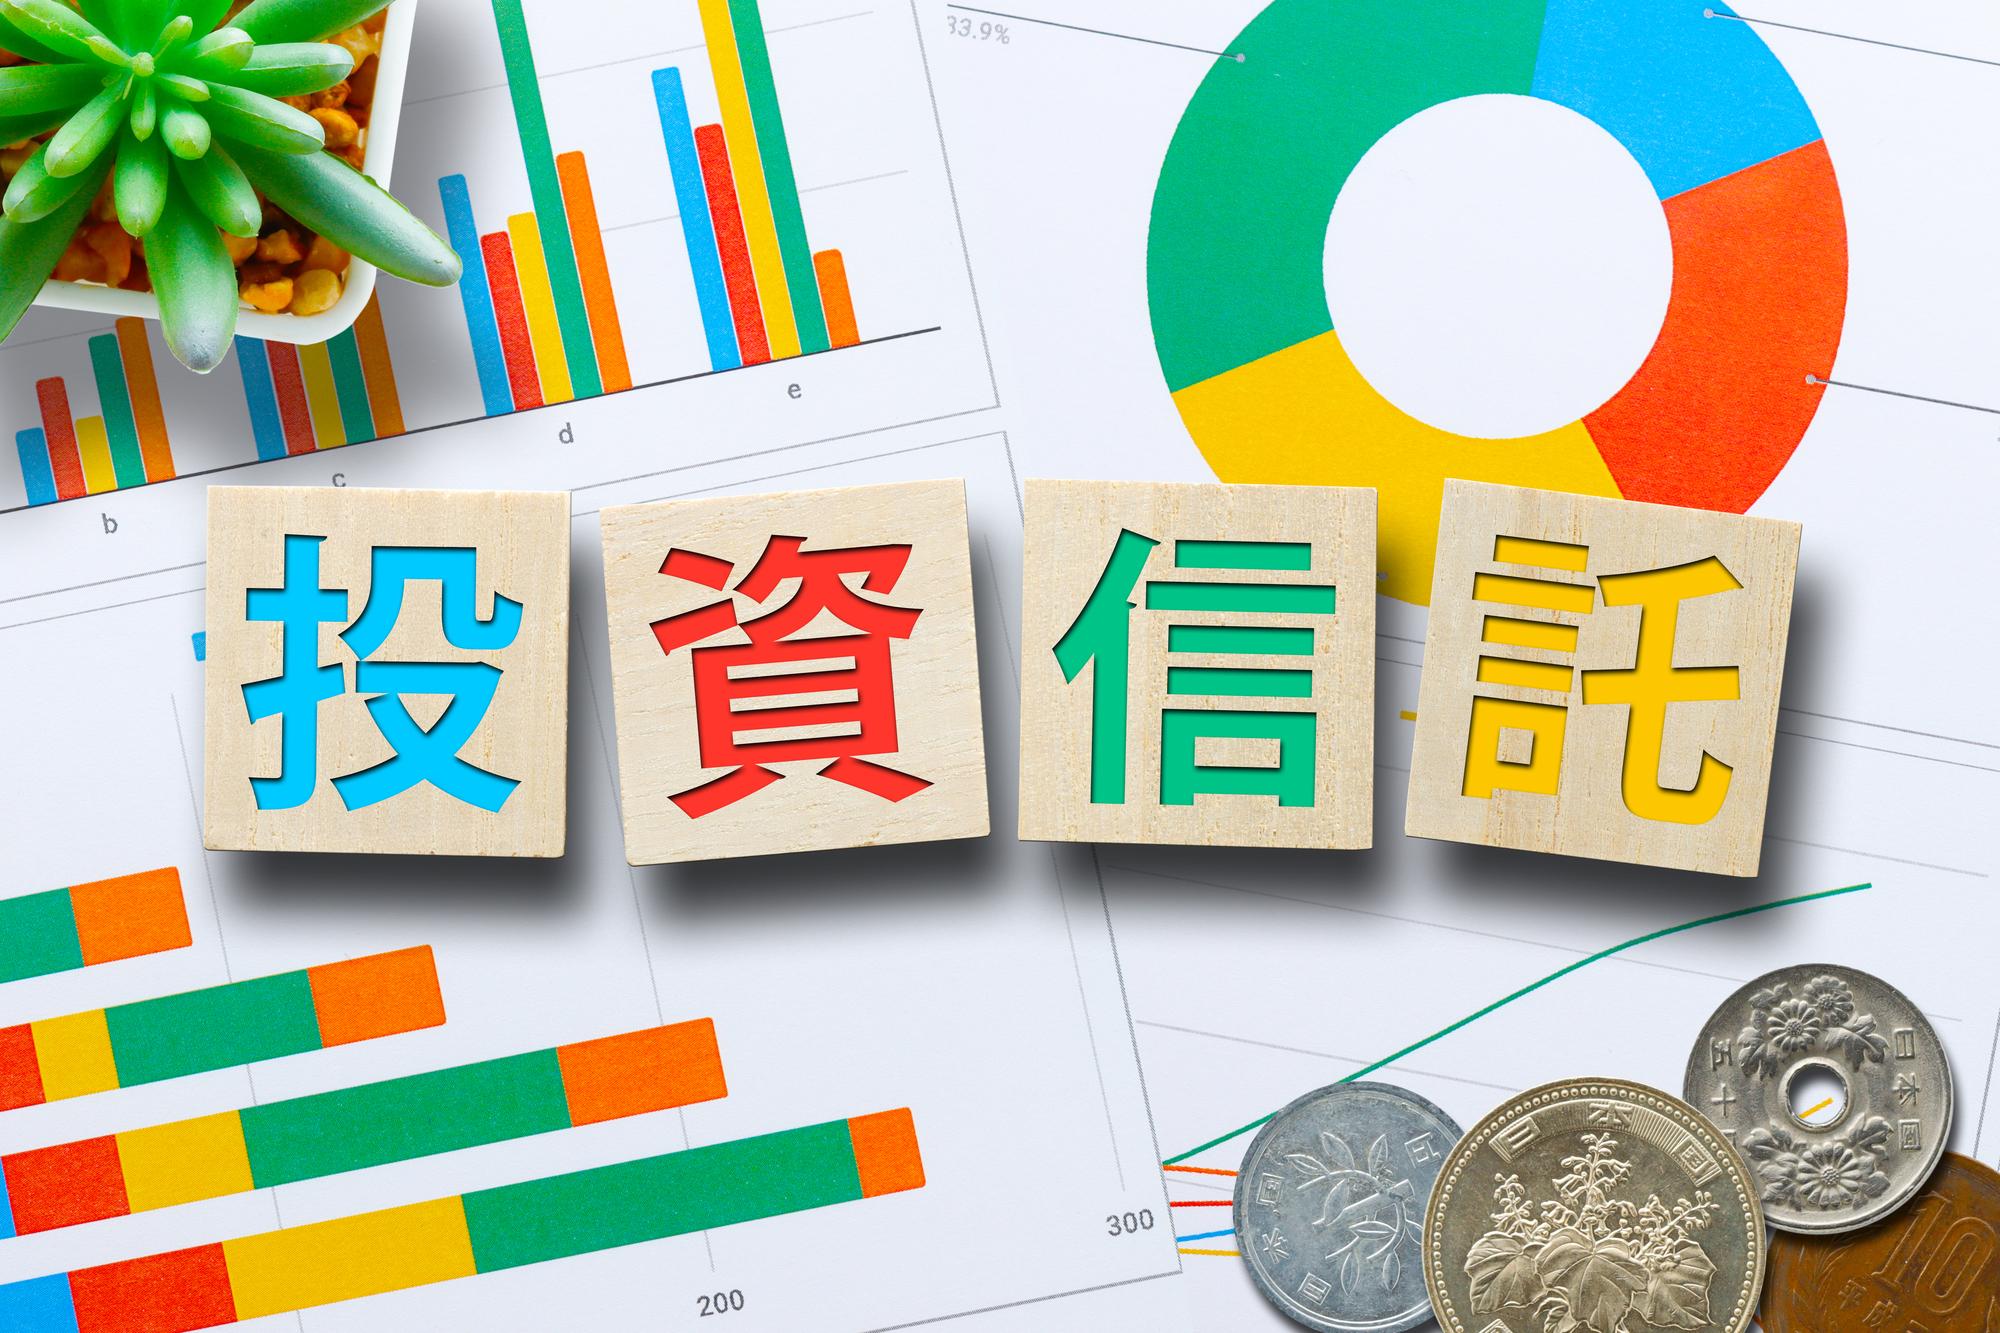 投資の初心者必見!投資信託のメリット・デメリットをわかりやすく解説